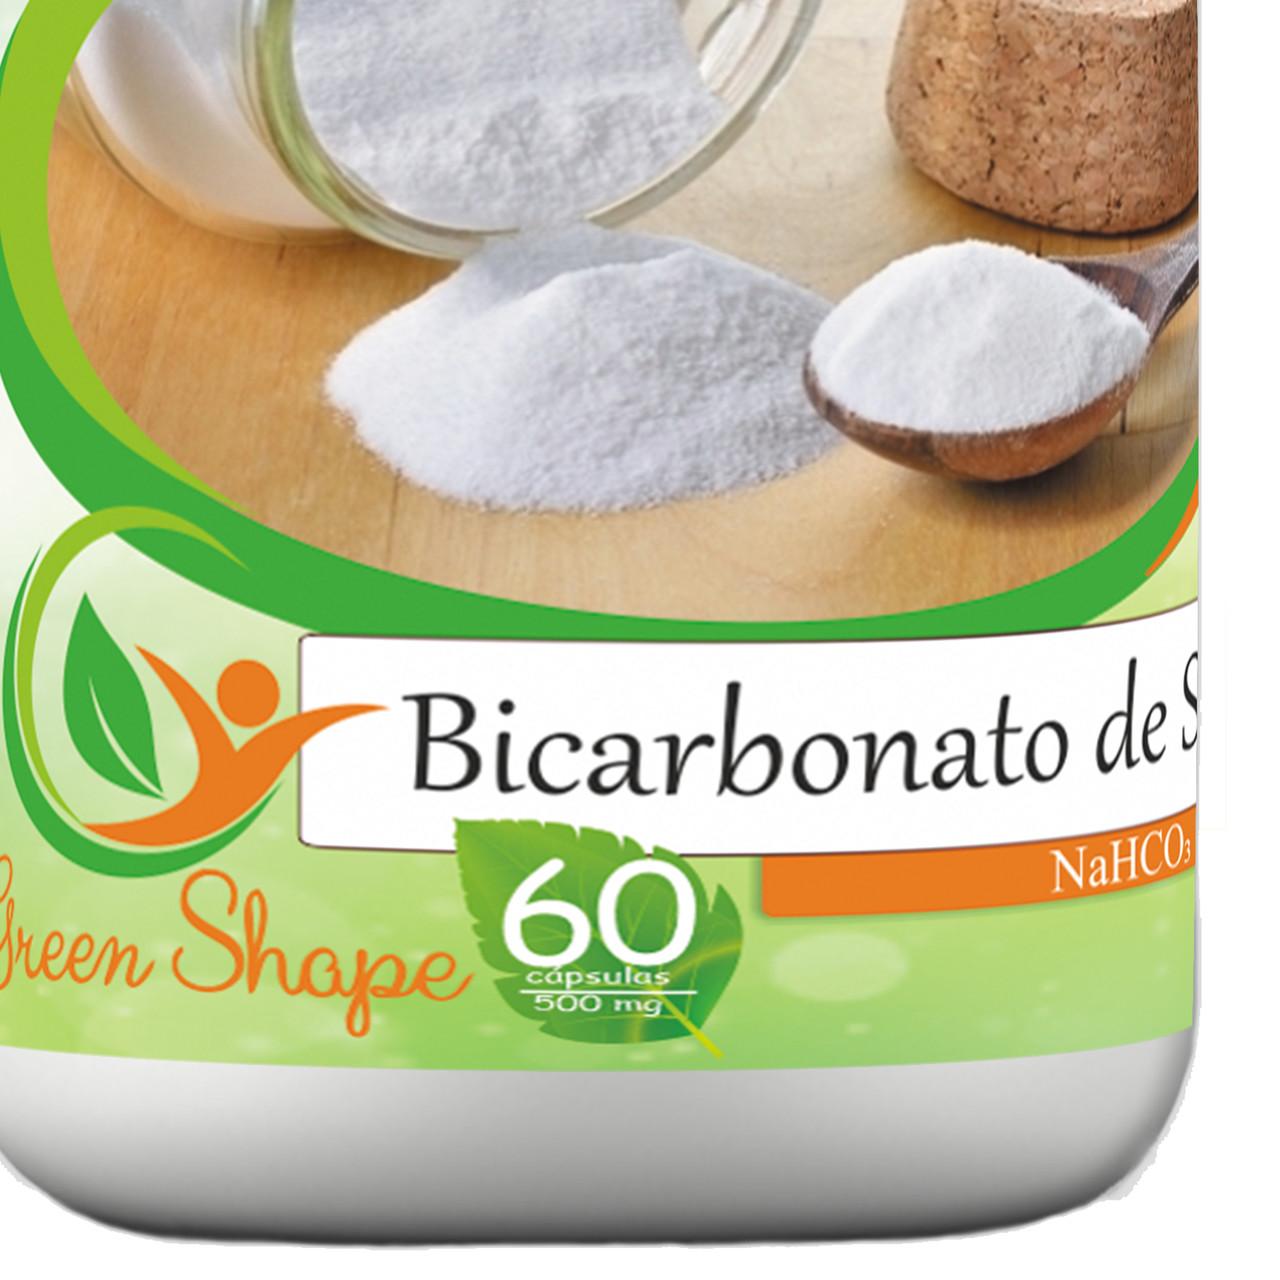 6 frascos de Bicarbonato de Sódio 60 cápsulas cada frasco